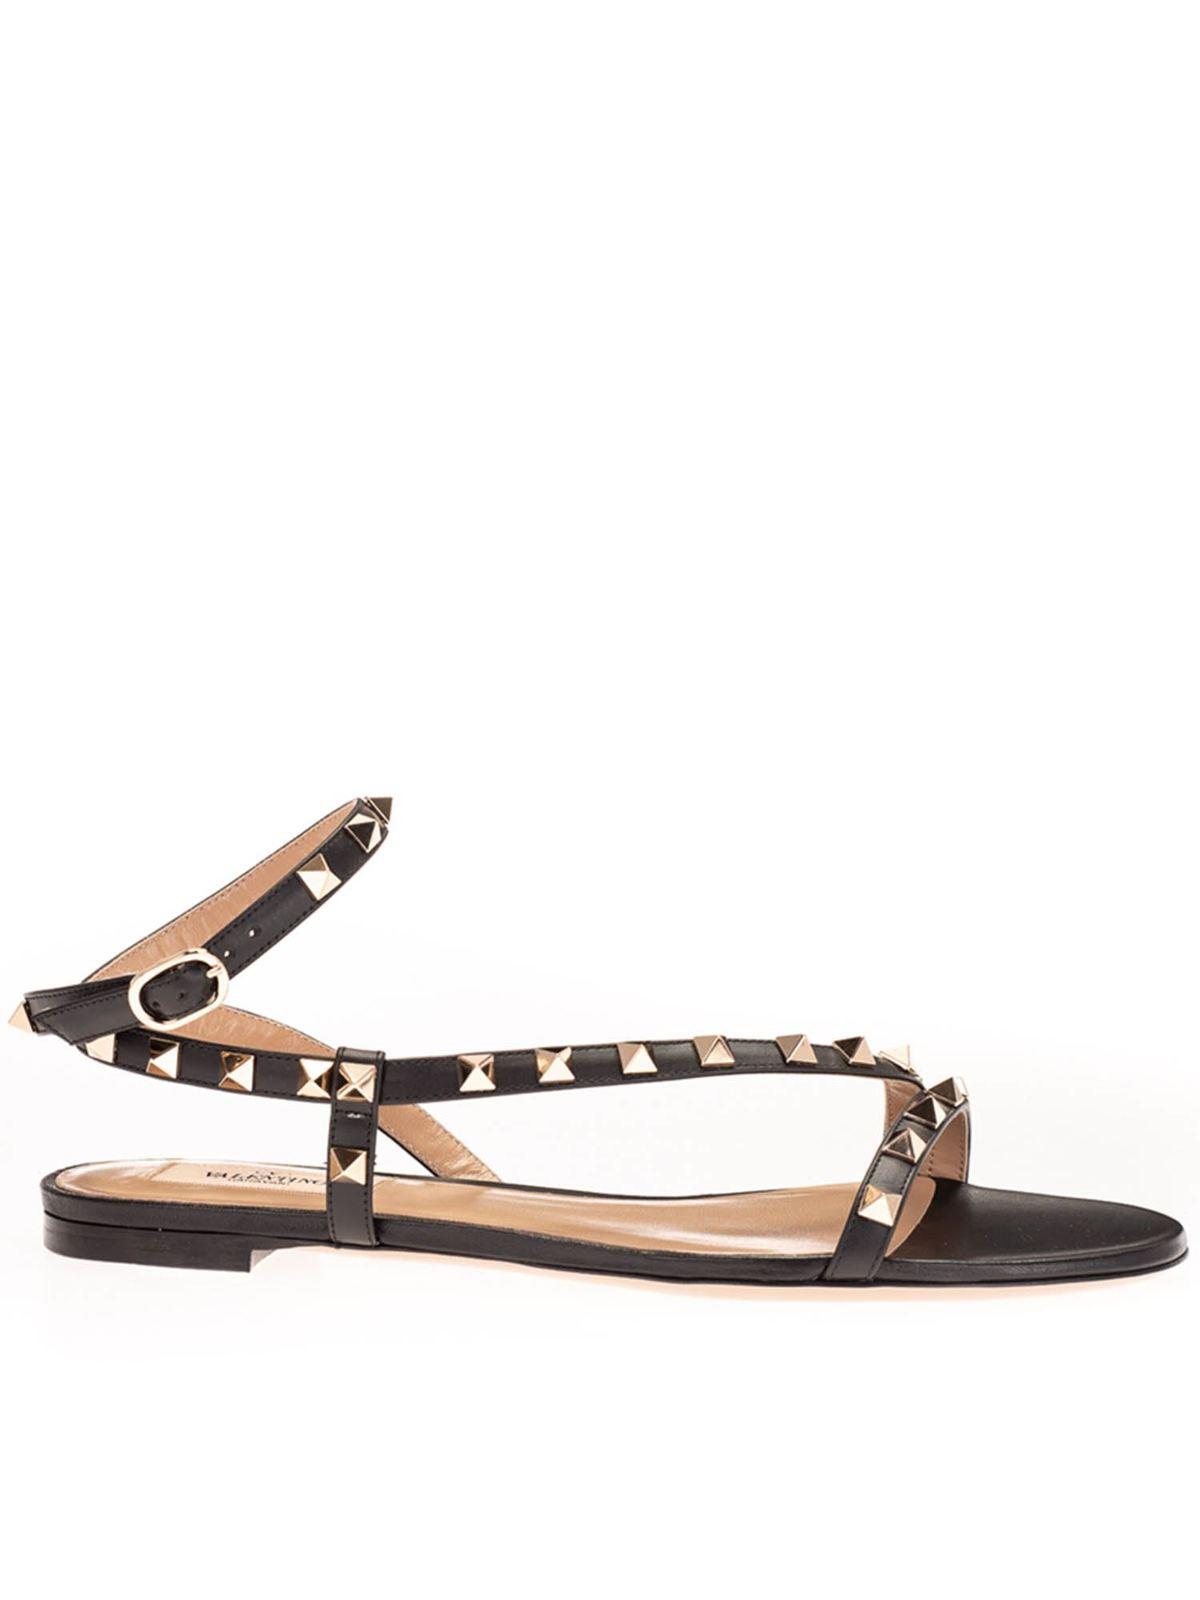 Valentino Sandals ROCKSTUD FLAT SANDALS IN BLACK